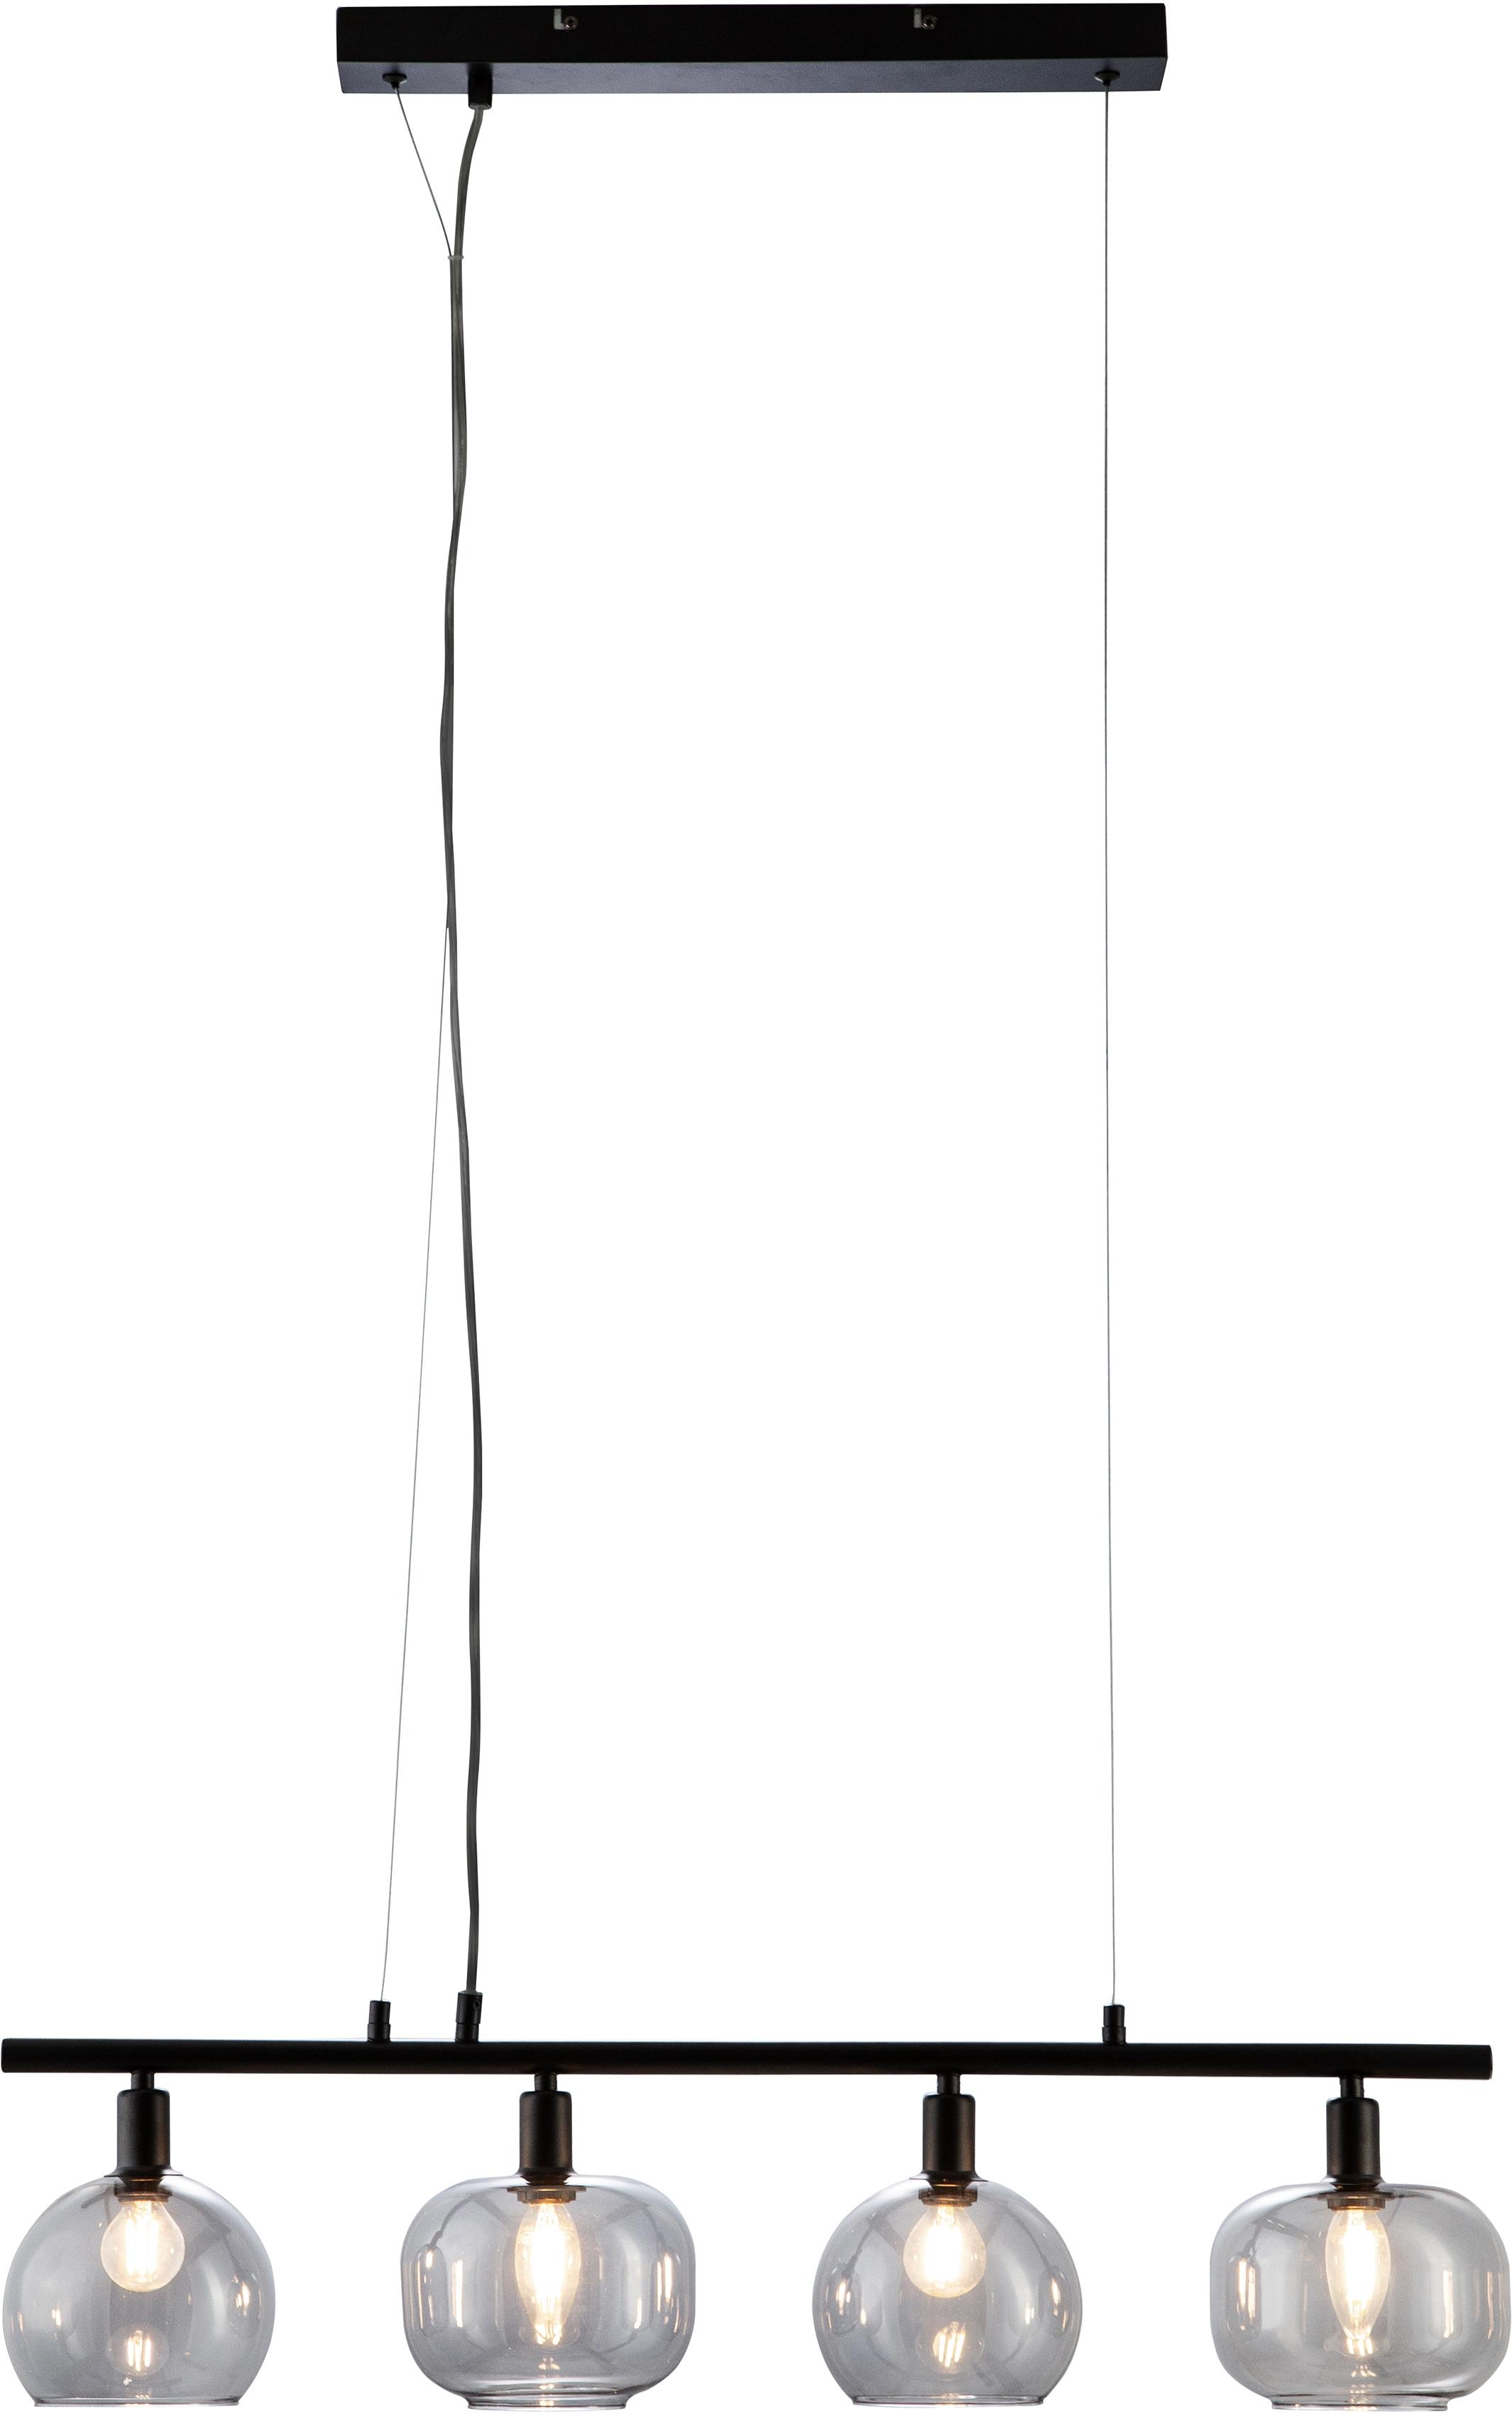 Nino Leuchten Pendelleuchte Donna, E14, 1 St., Hängeleuchte, Hängelampe